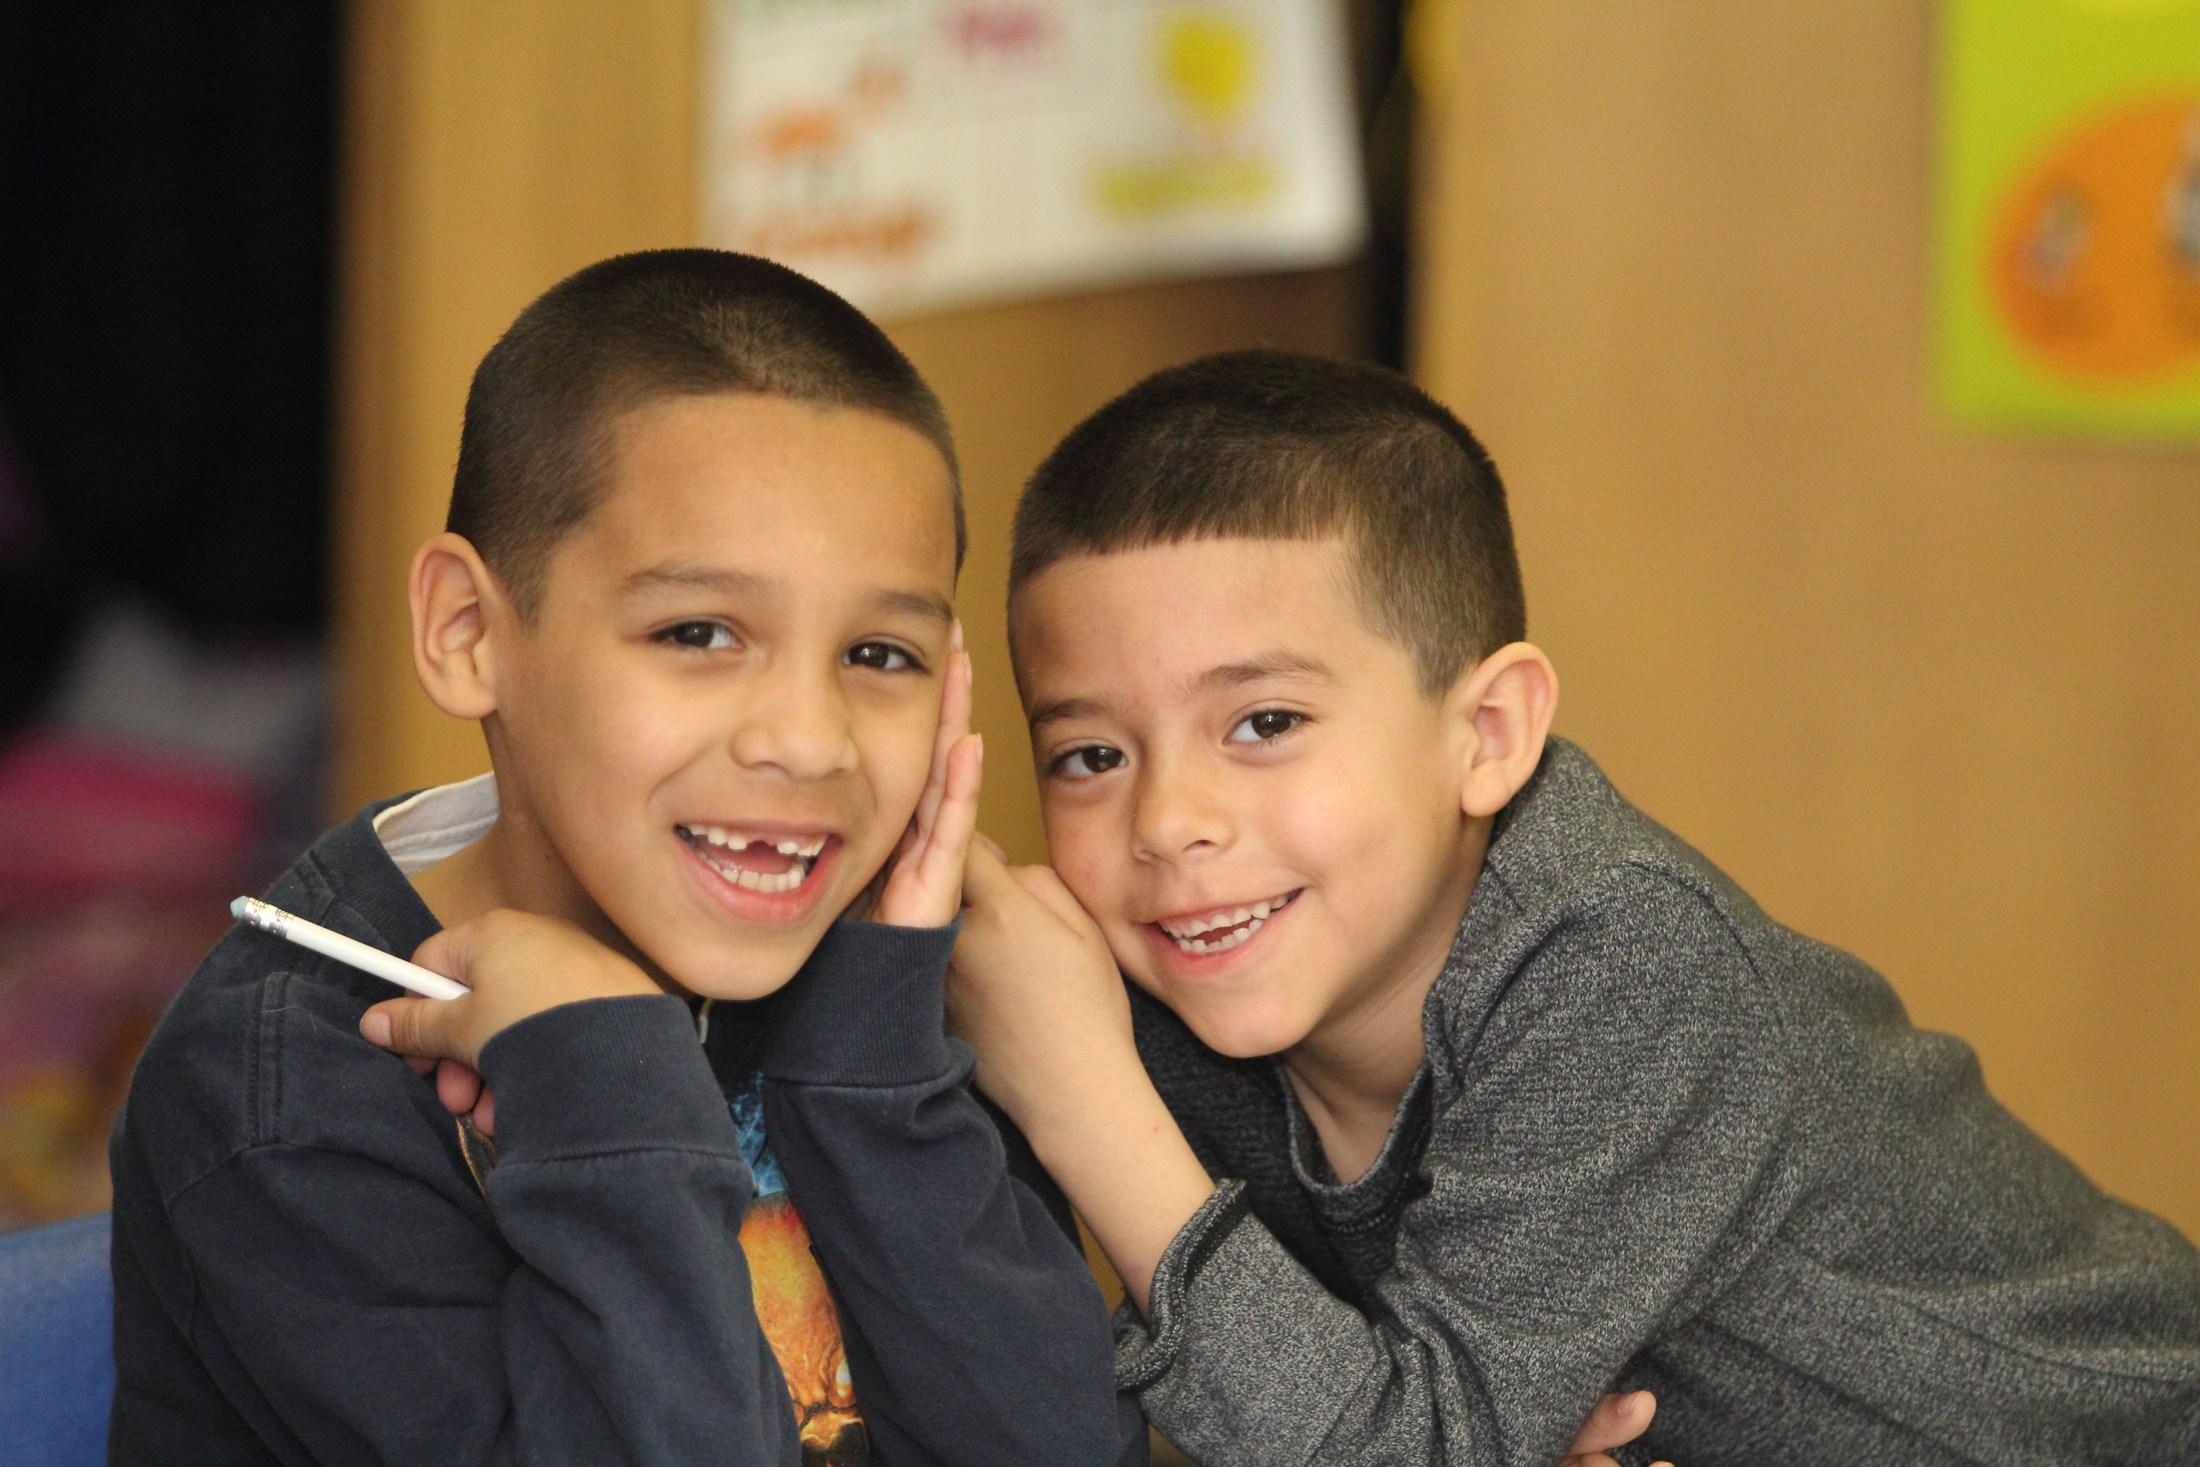 Windlake Elementary students